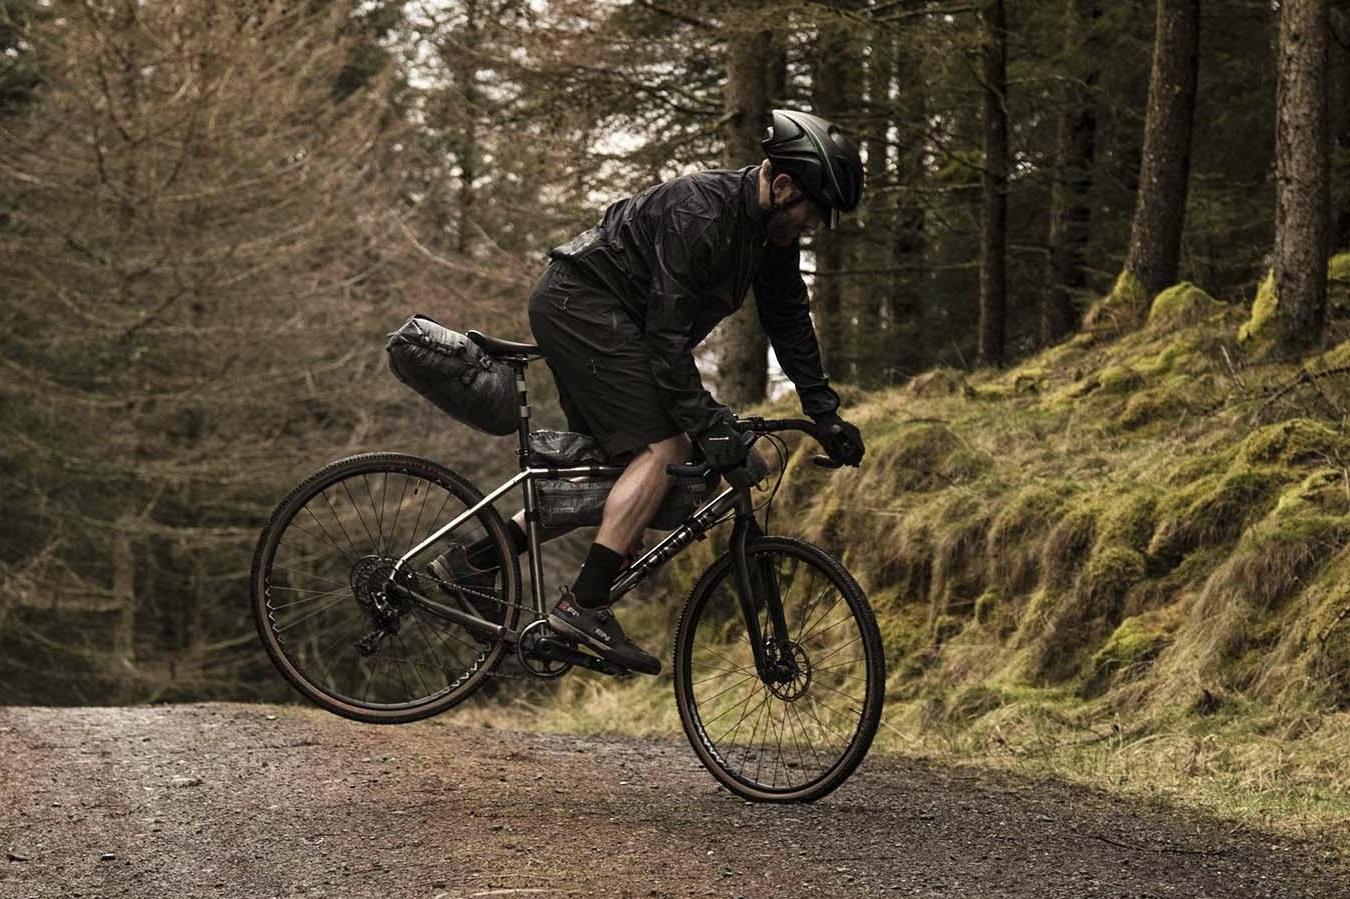 bikeluggagebanner-4_2340_900_75.jpg